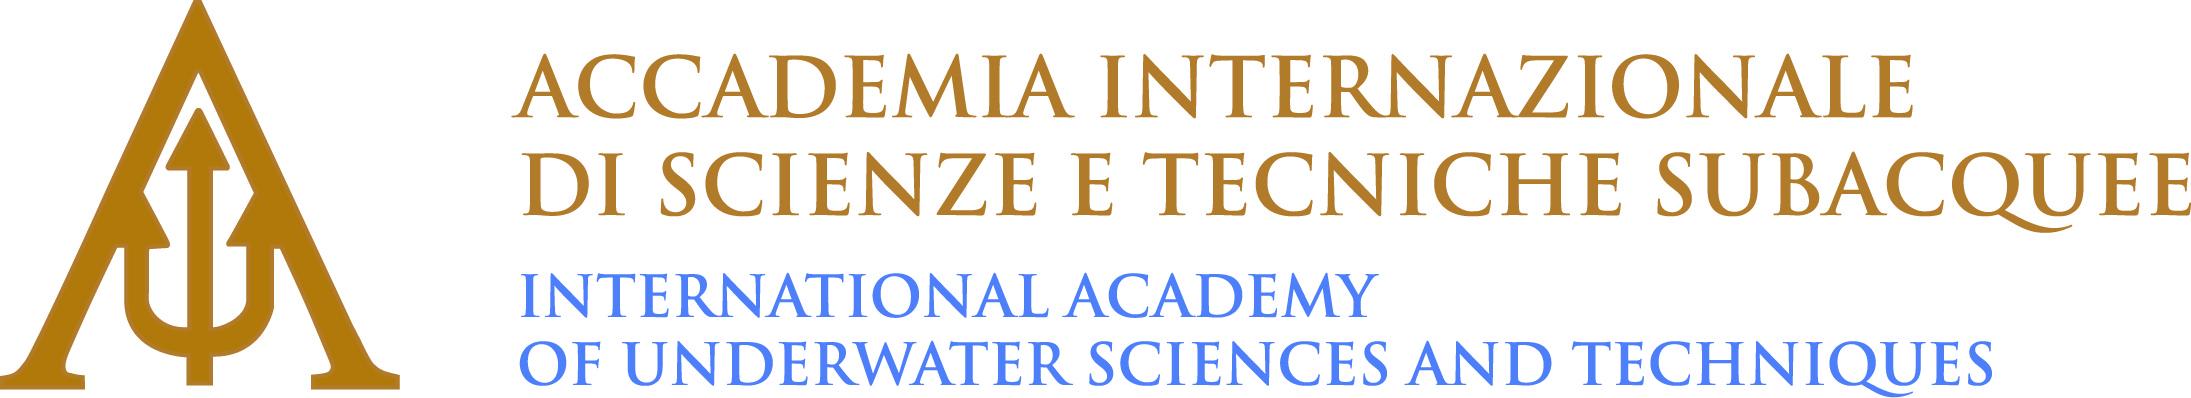 accademia_logo_IT-UK